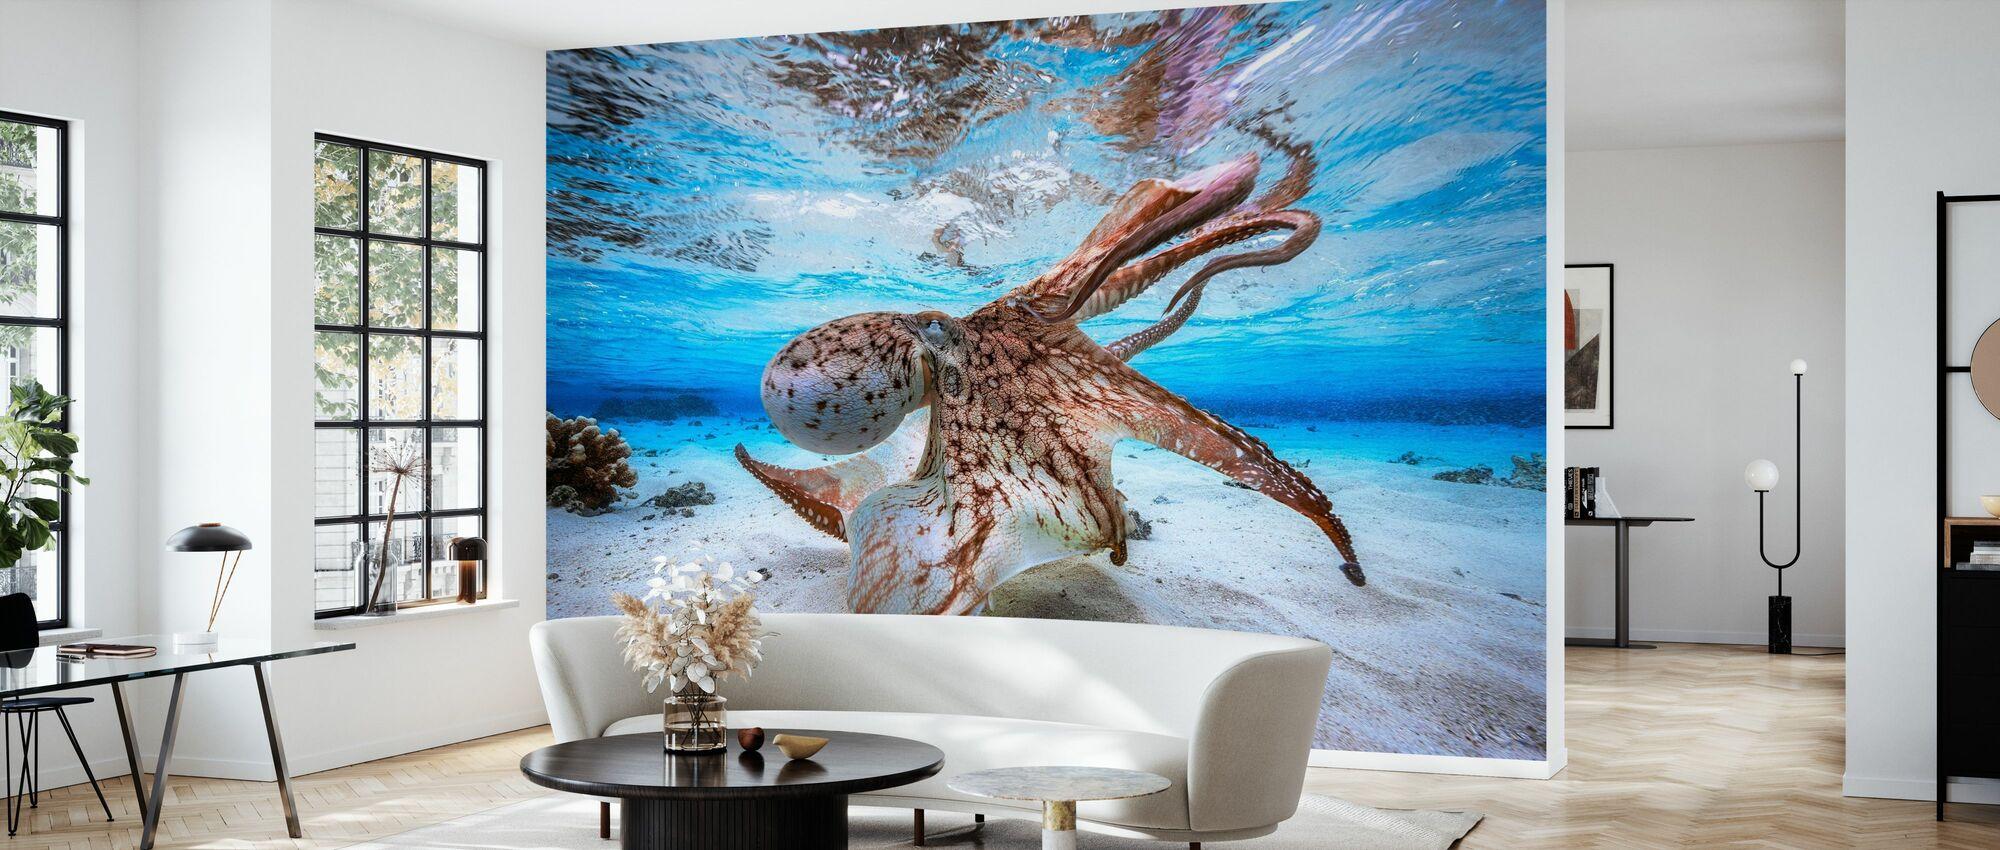 Dancing Octopus - Wallpaper - Living Room